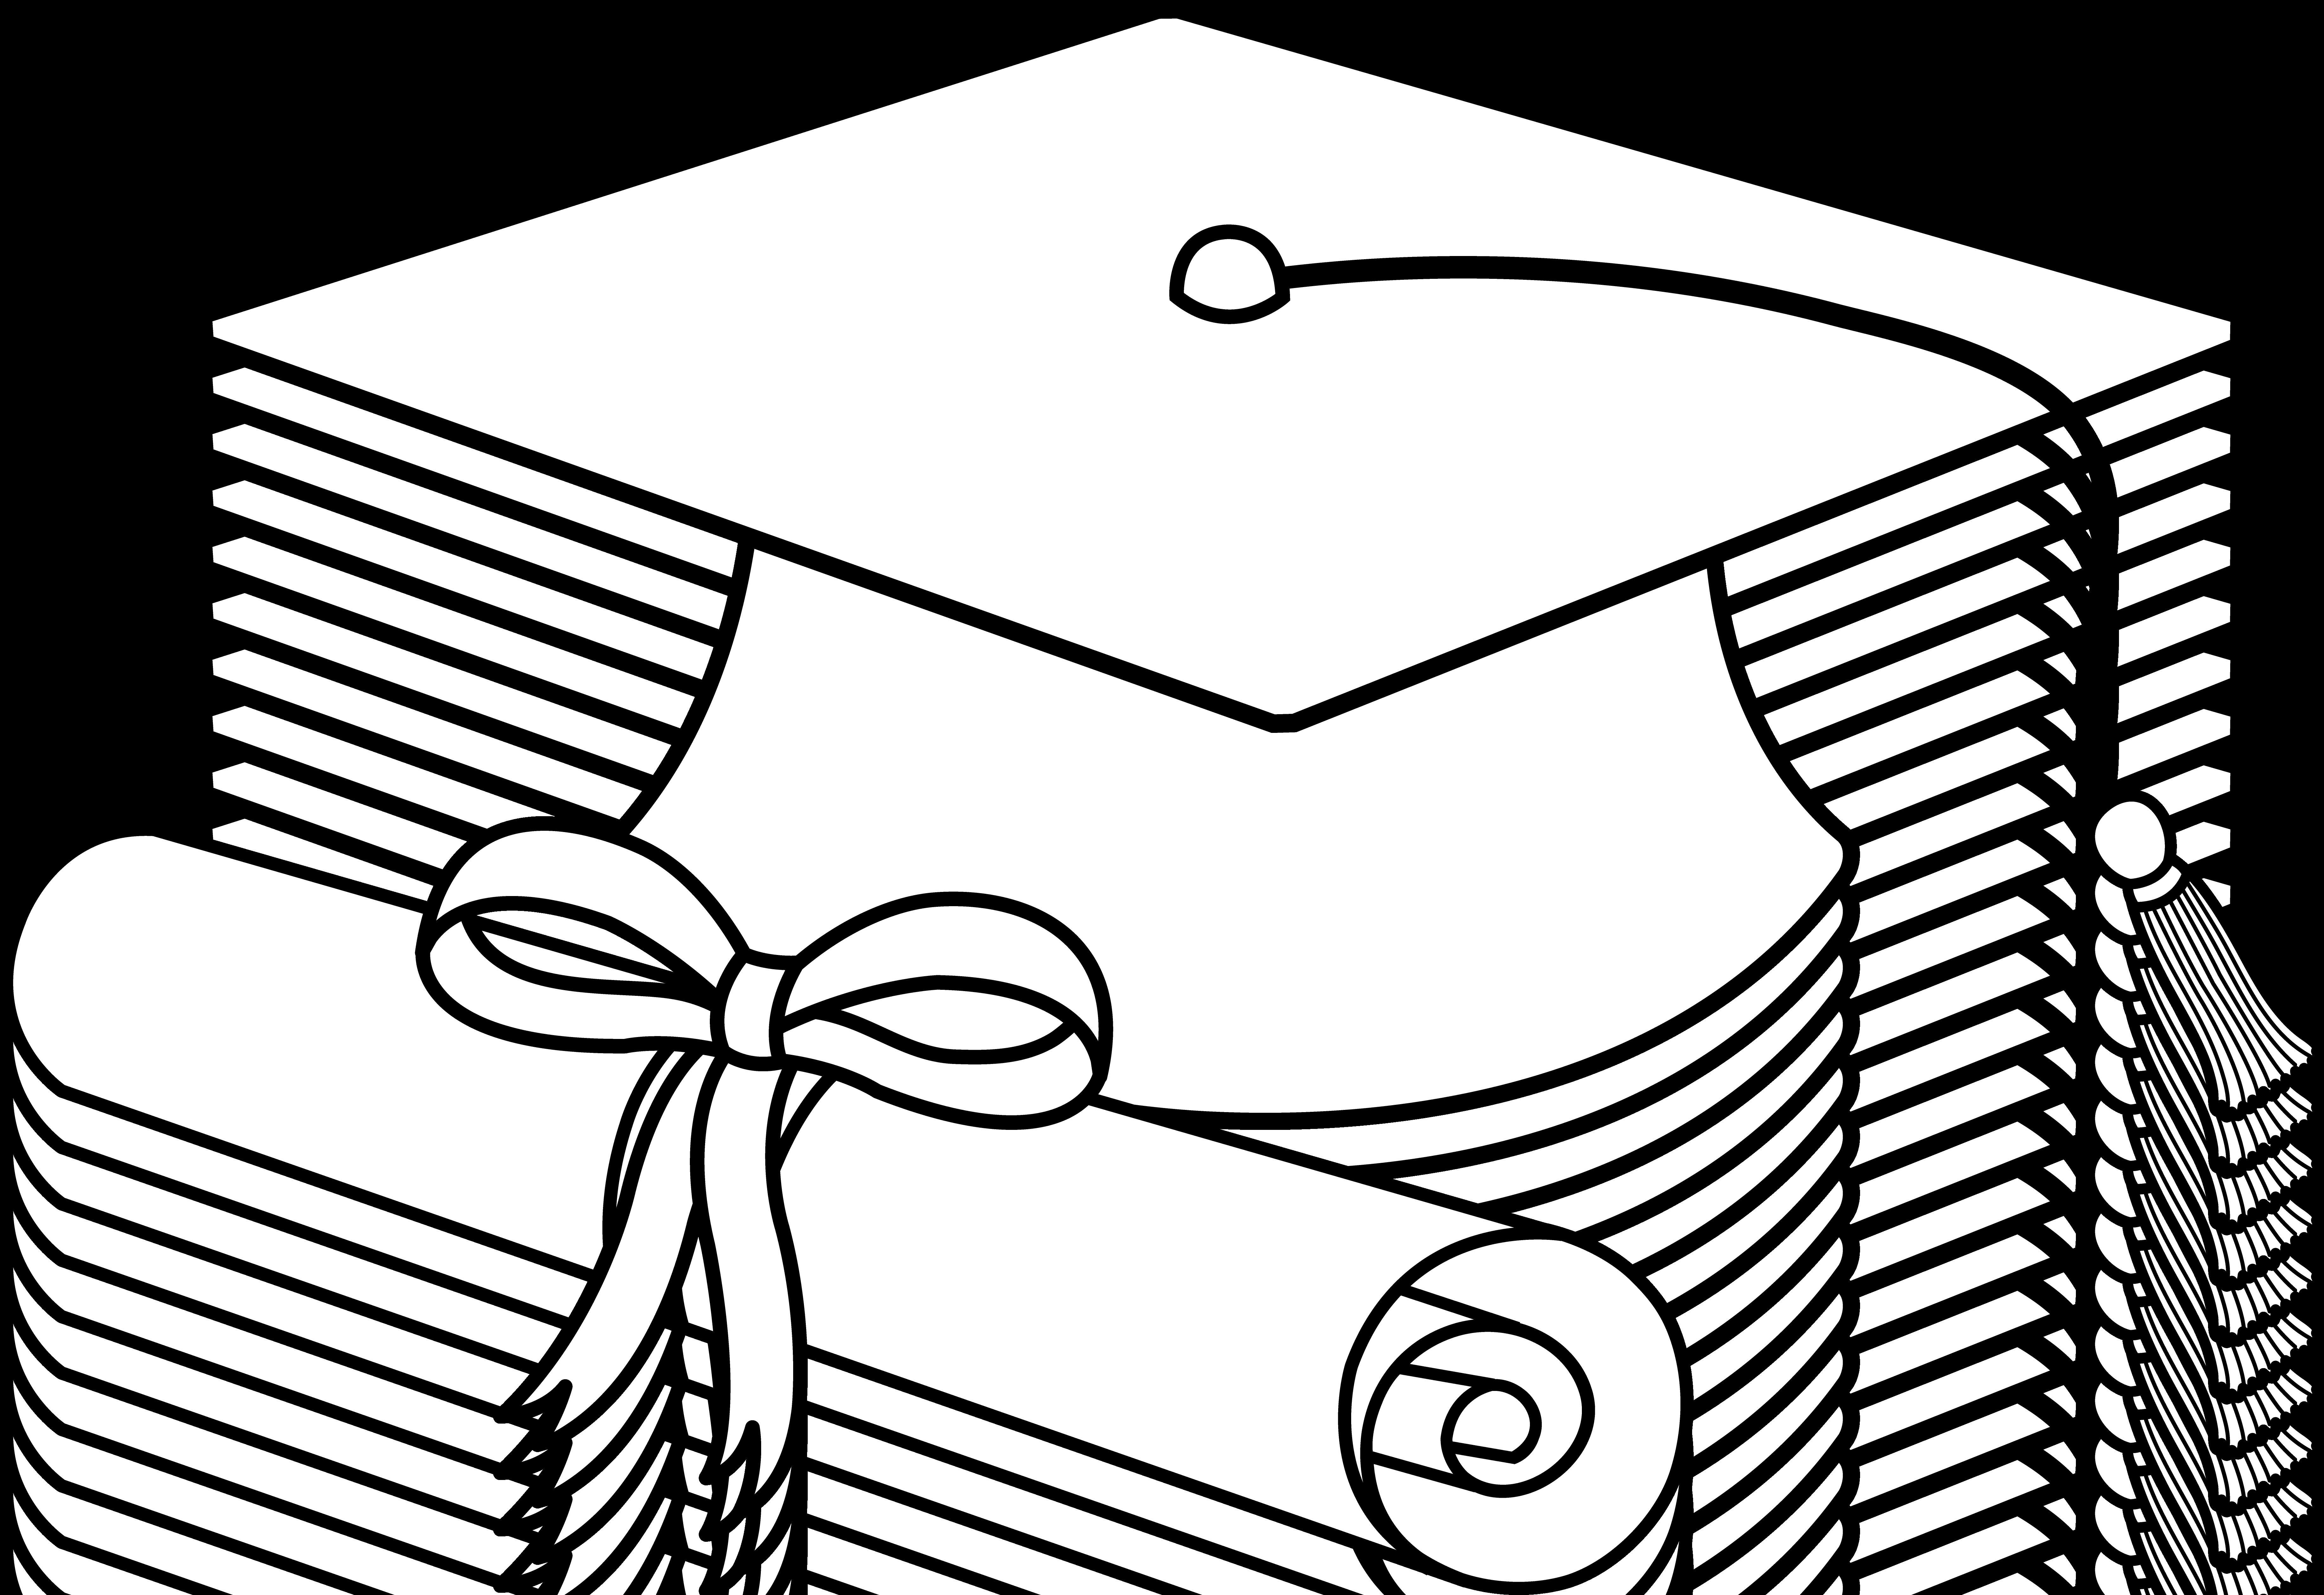 Flying Graduation Caps Clip Art | Graduation Cap Line Art - Free Clip Art | Stuff to Buy | Pinterest | Clip art, Graduation and Clip art free